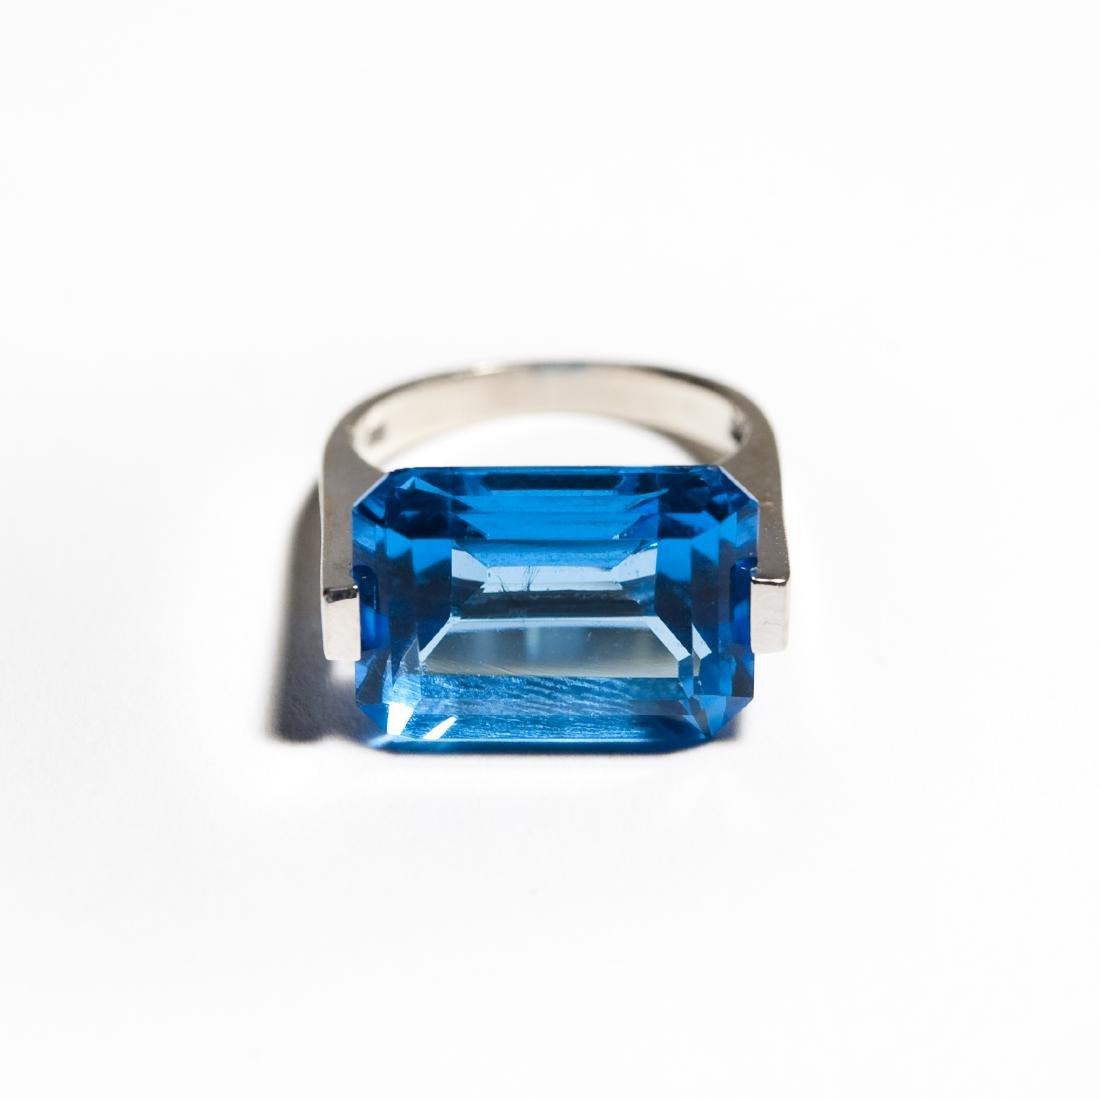 14K White Gold & Blue Topaz Ring.